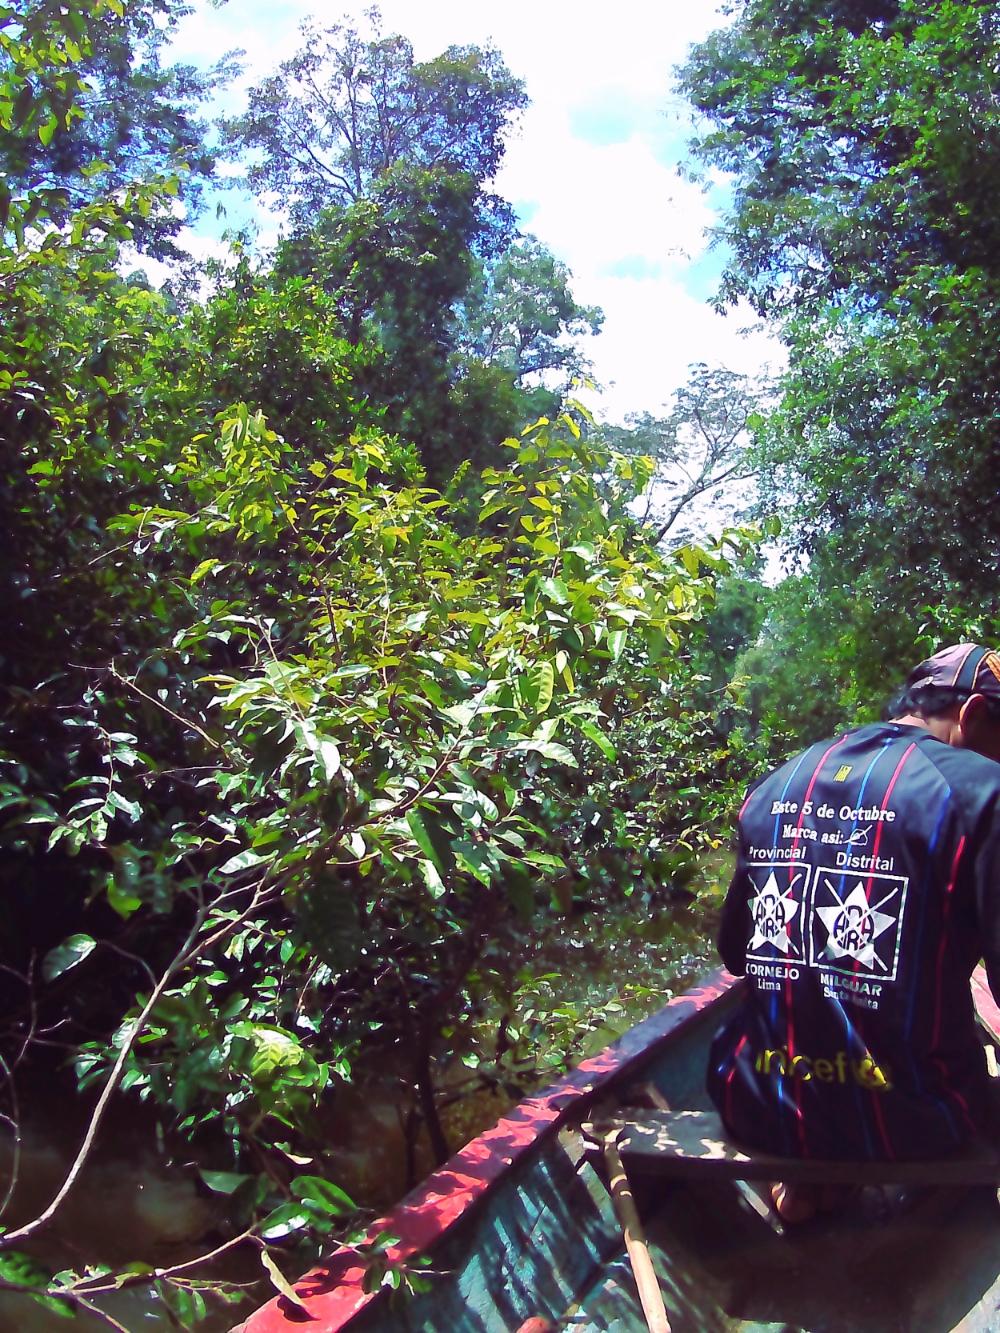 Percy, eigentlich Maler, hier in seiner Rolle als unser Dschungelführer.